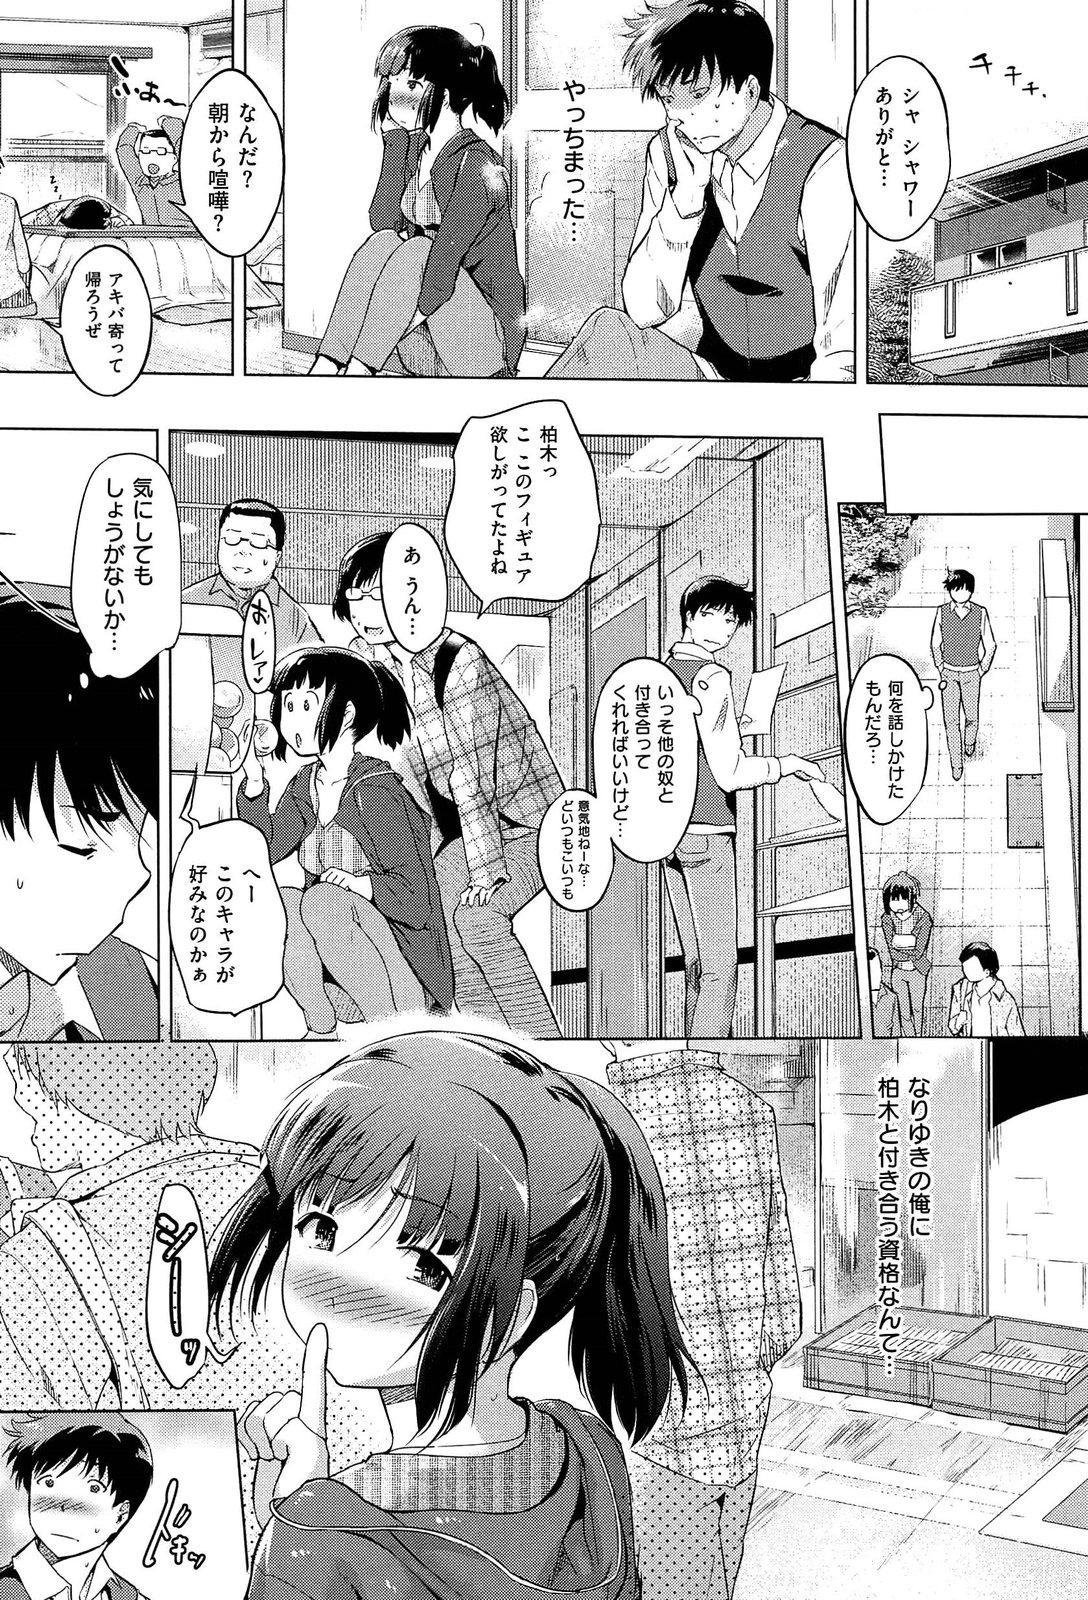 Hatsukoi Swap 24